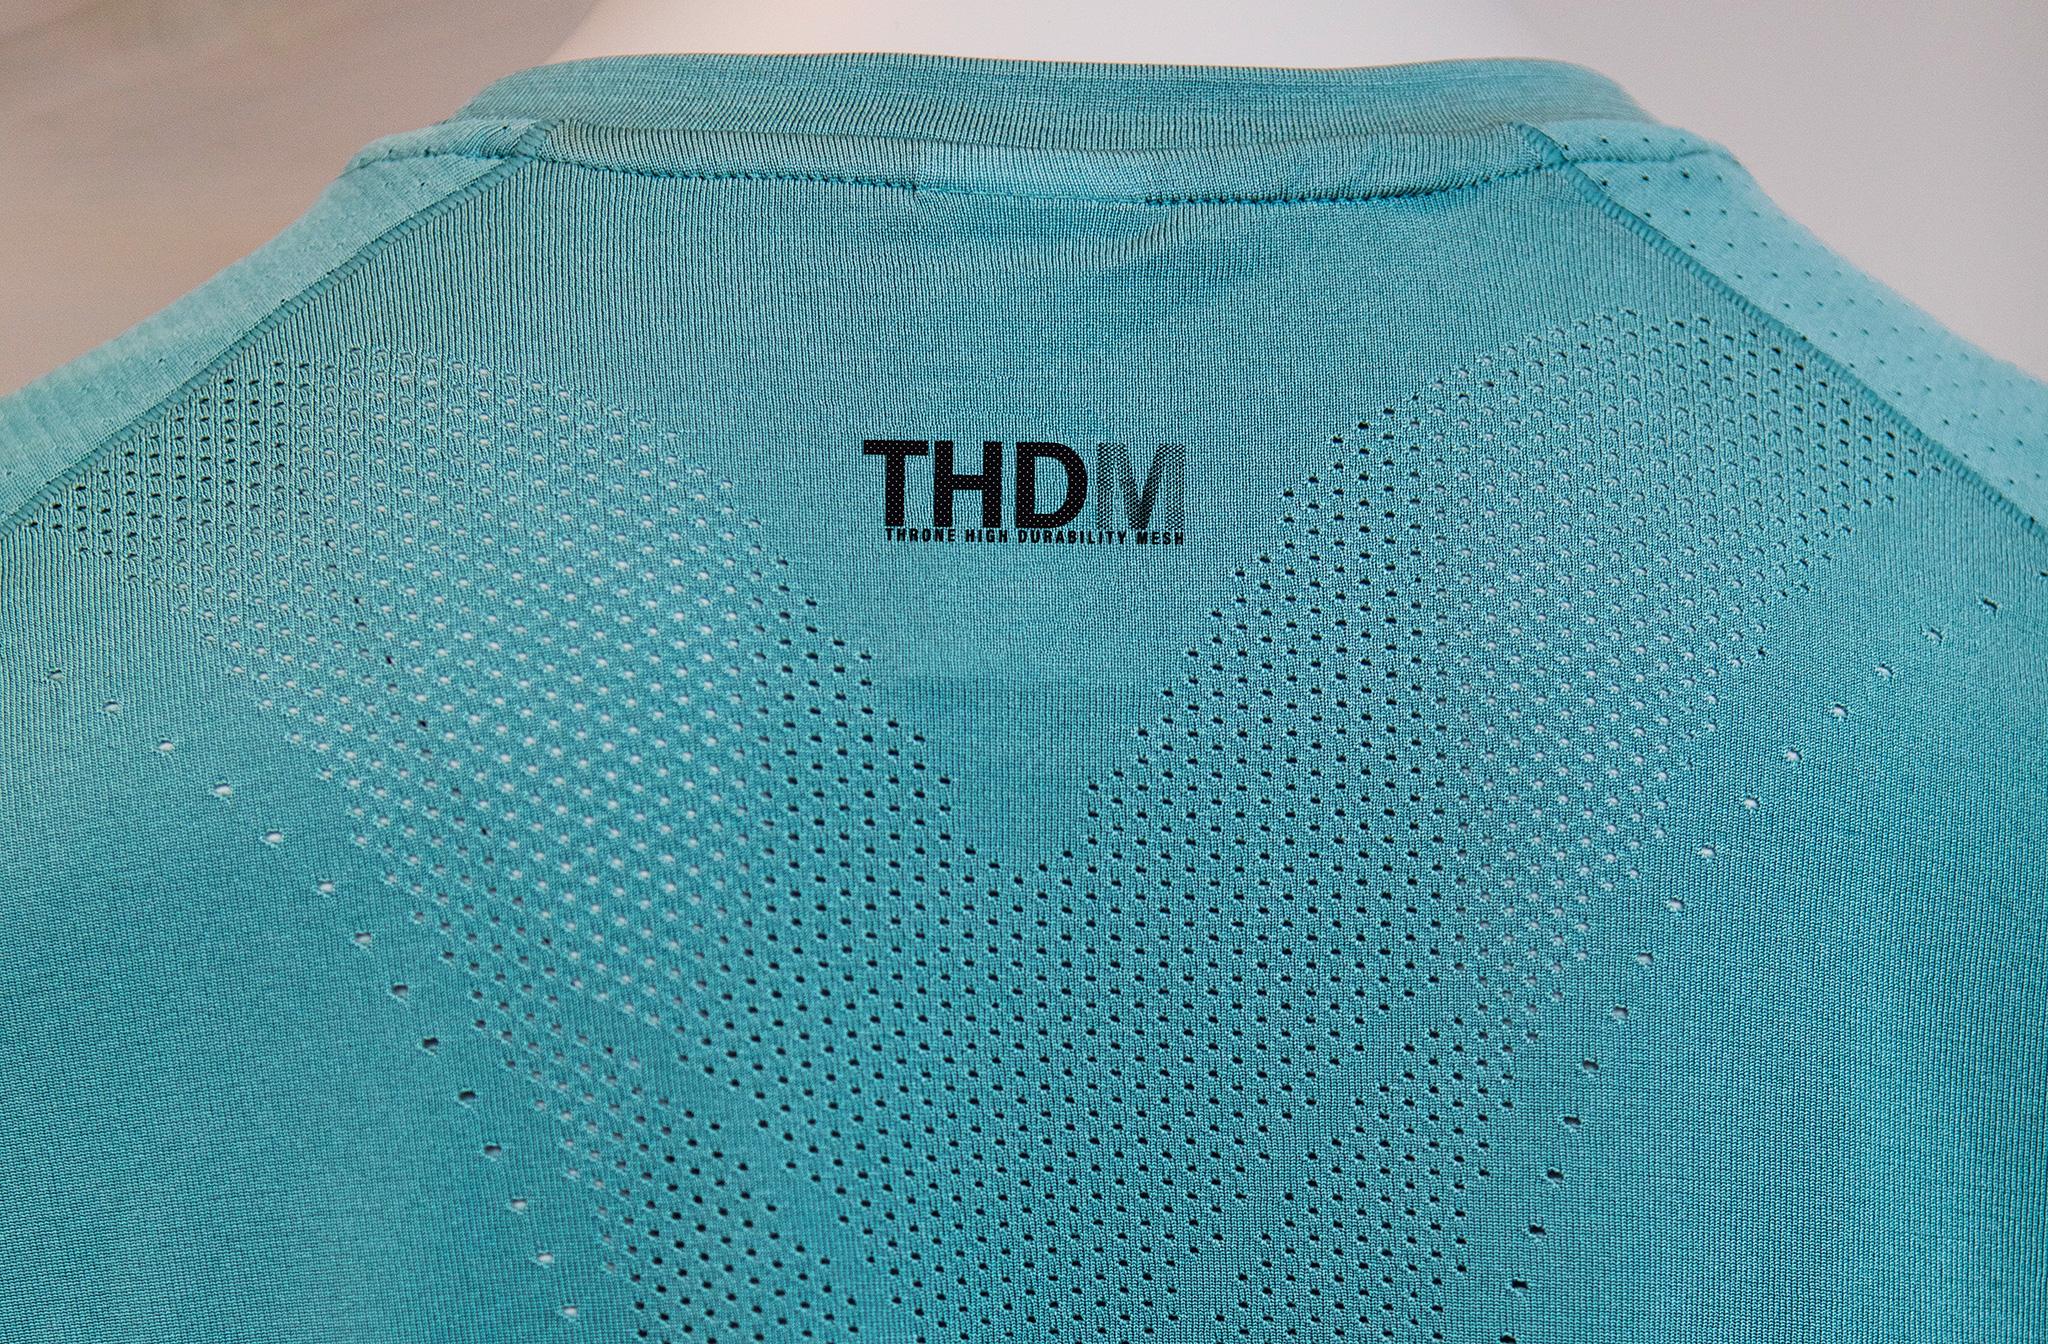 THDM - Throne High Durability Mesh